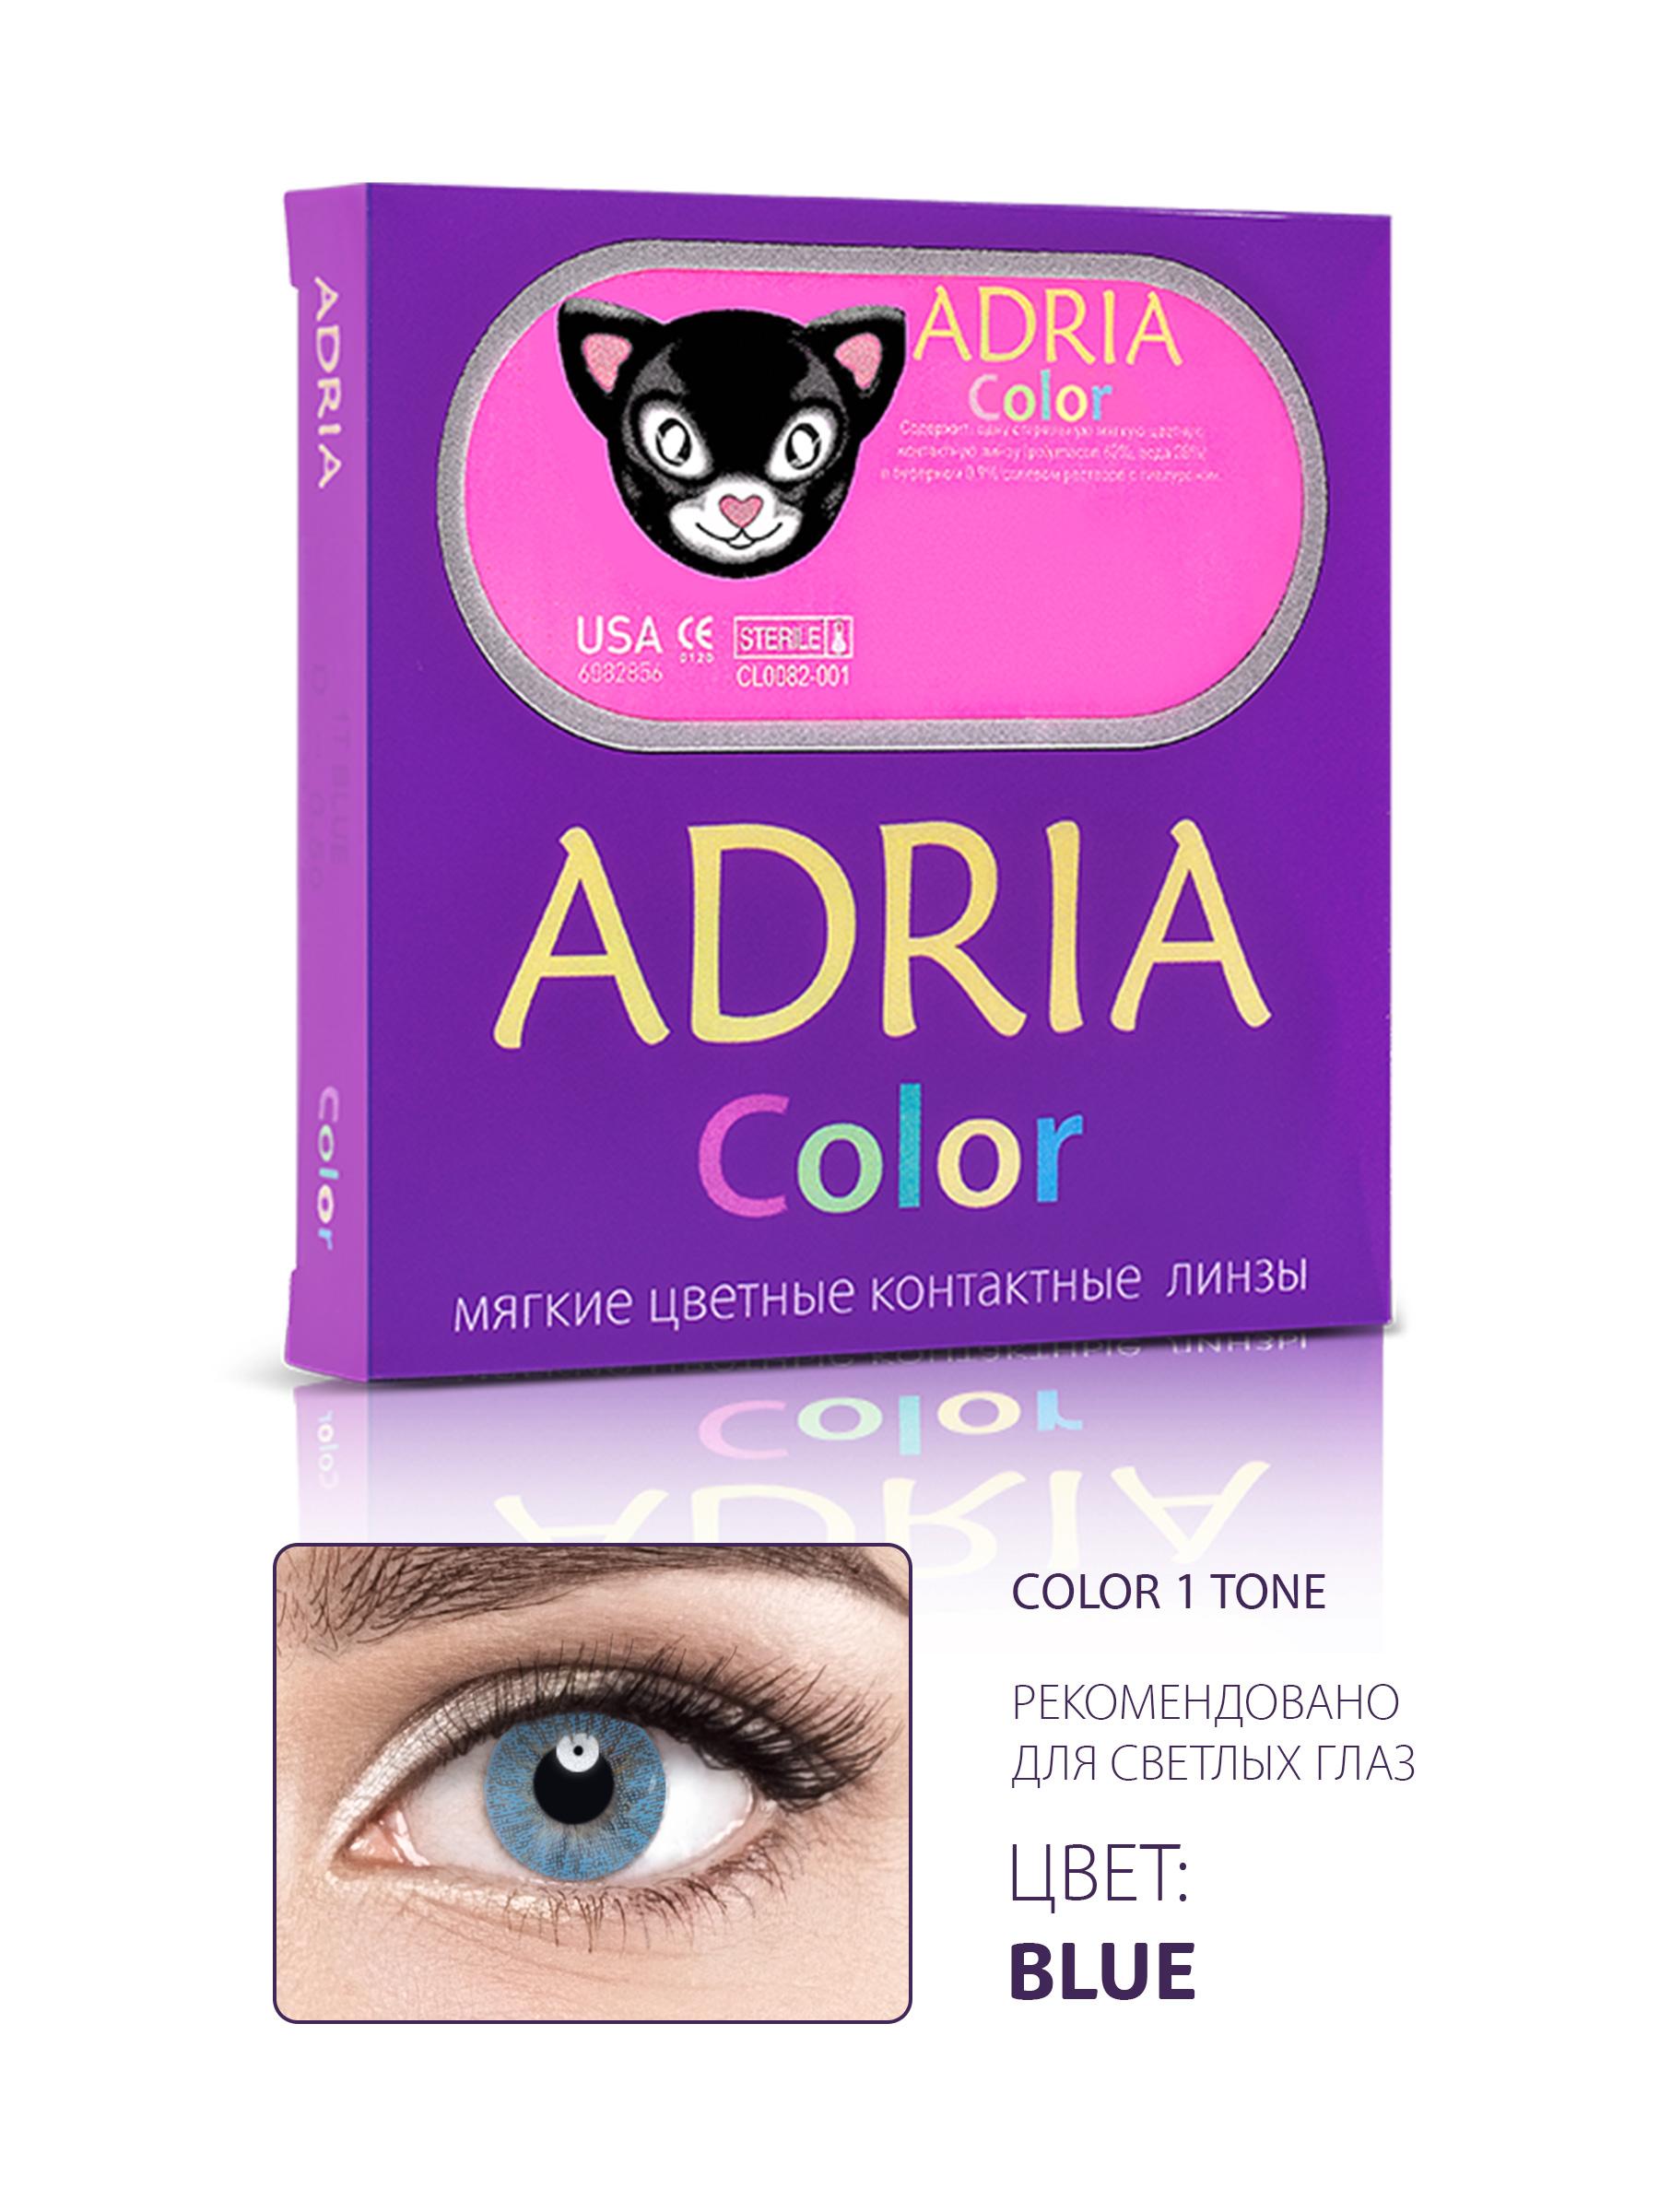 Купить Линзы контактные Adria (1T) (2 pack), Линзы контактные Adria 1T 2 pack, Базовая кривизна=8, 6, Цвет=BLUE, Оптическая сила=-5, 00